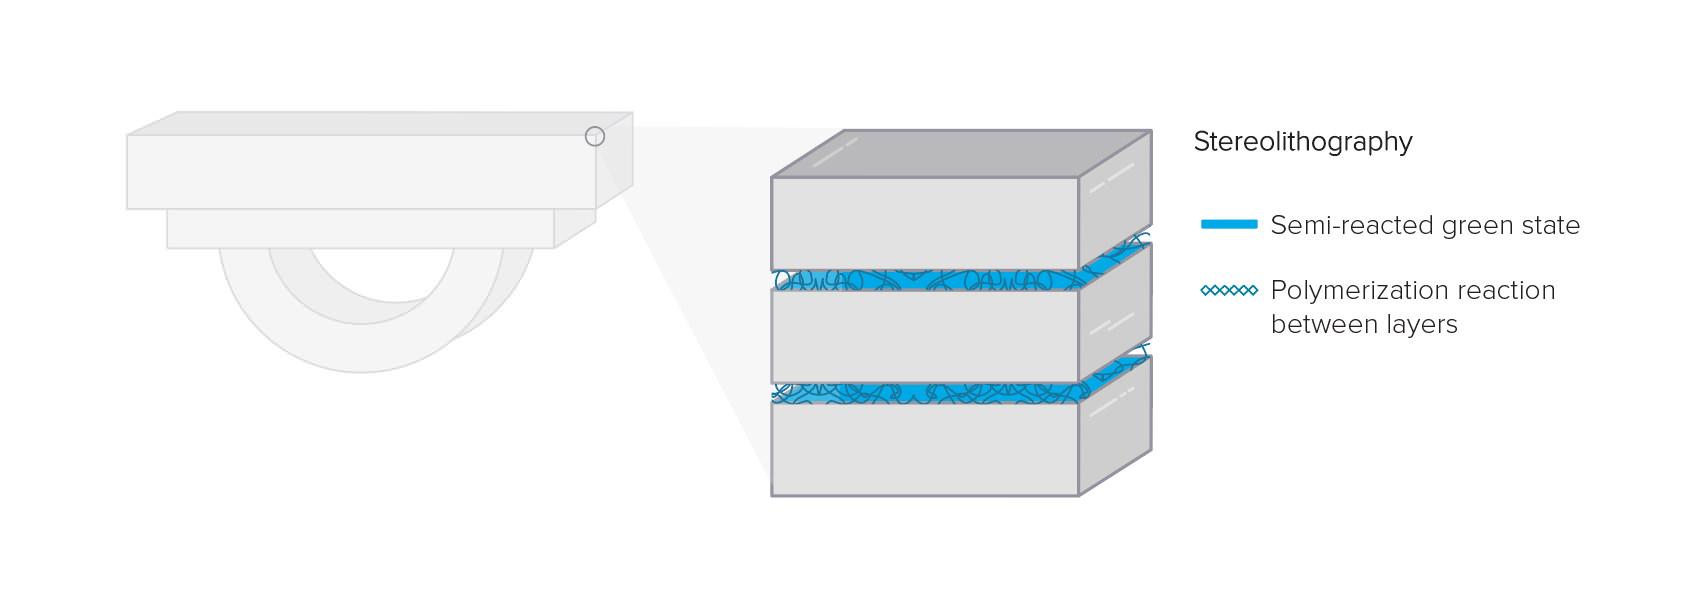 Bei SLA-Druckteilen gibt es in Bezug auf chemische Bindungen keinen Unterschied zwischen der Z-Achse und der XY-Ebene. Jedes auf einer SLA-Maschine gedruckte zusammenhängende Teil ist ein zusammenhängendes Polymernetzwerk.